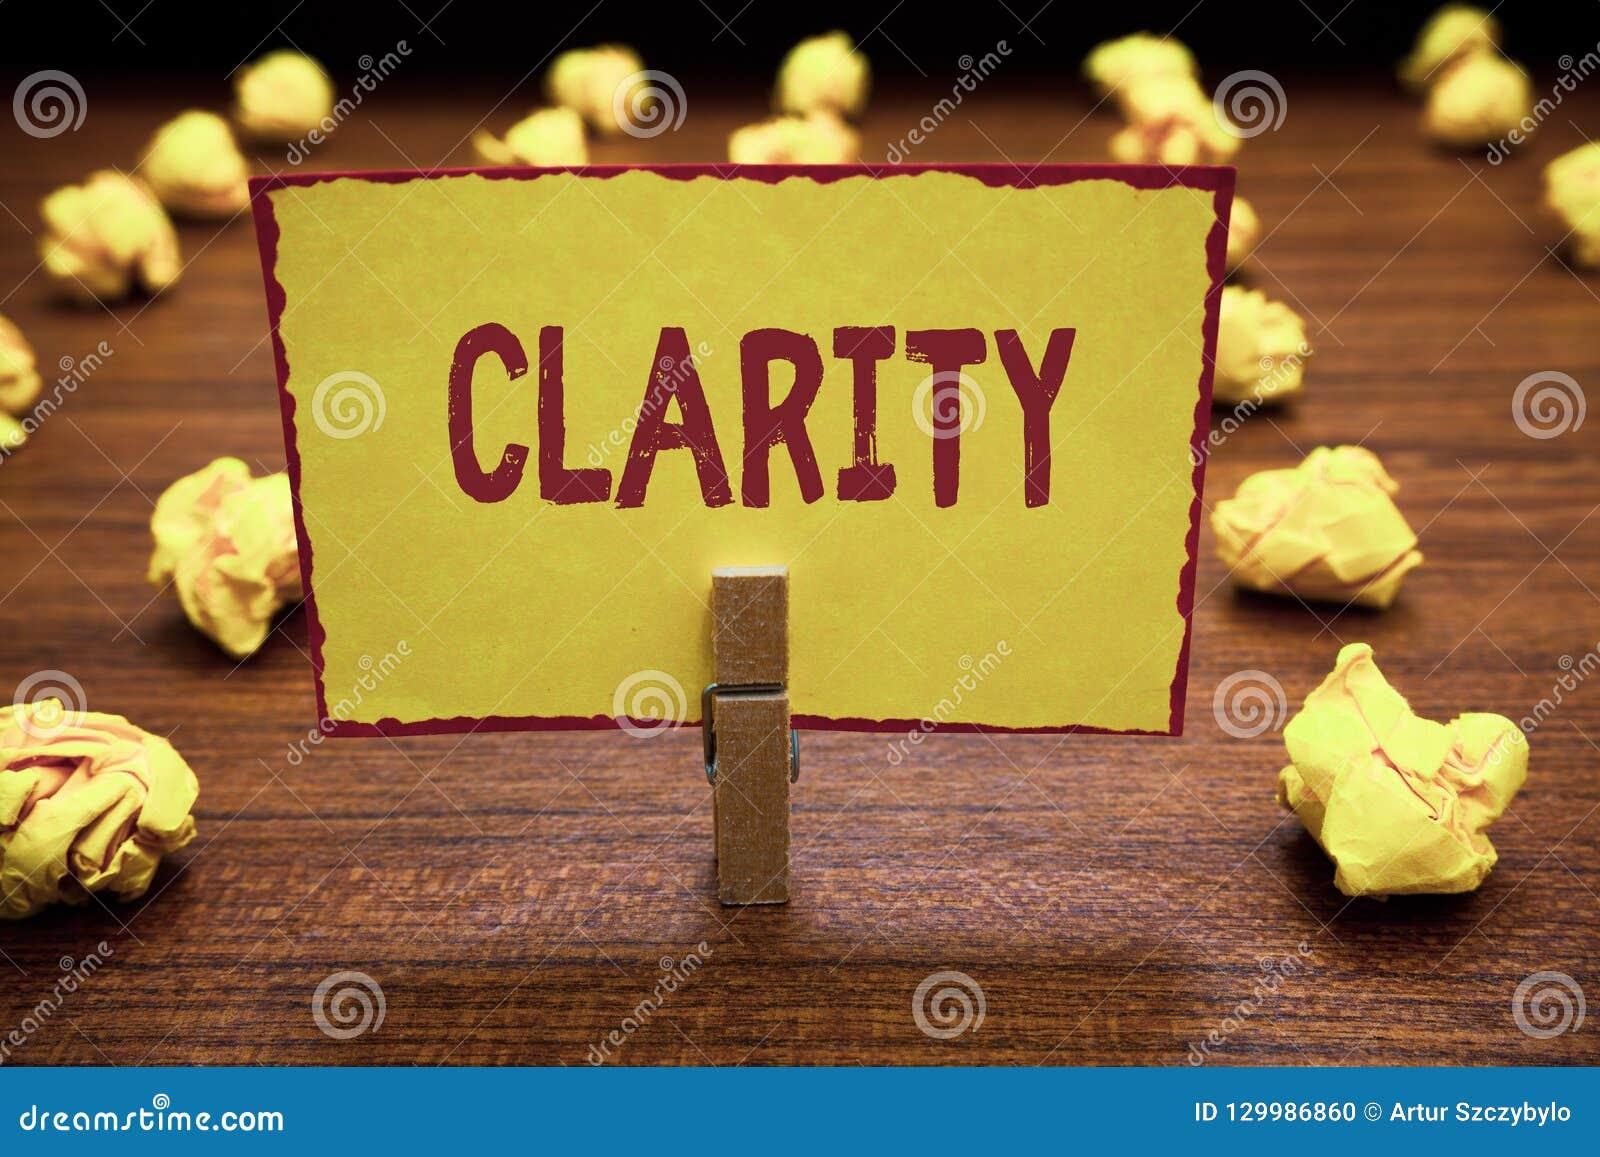 Ясность текста сочинительства слова Концепция дела для быть когерентной разборчивой постижимой ясной точностью идей